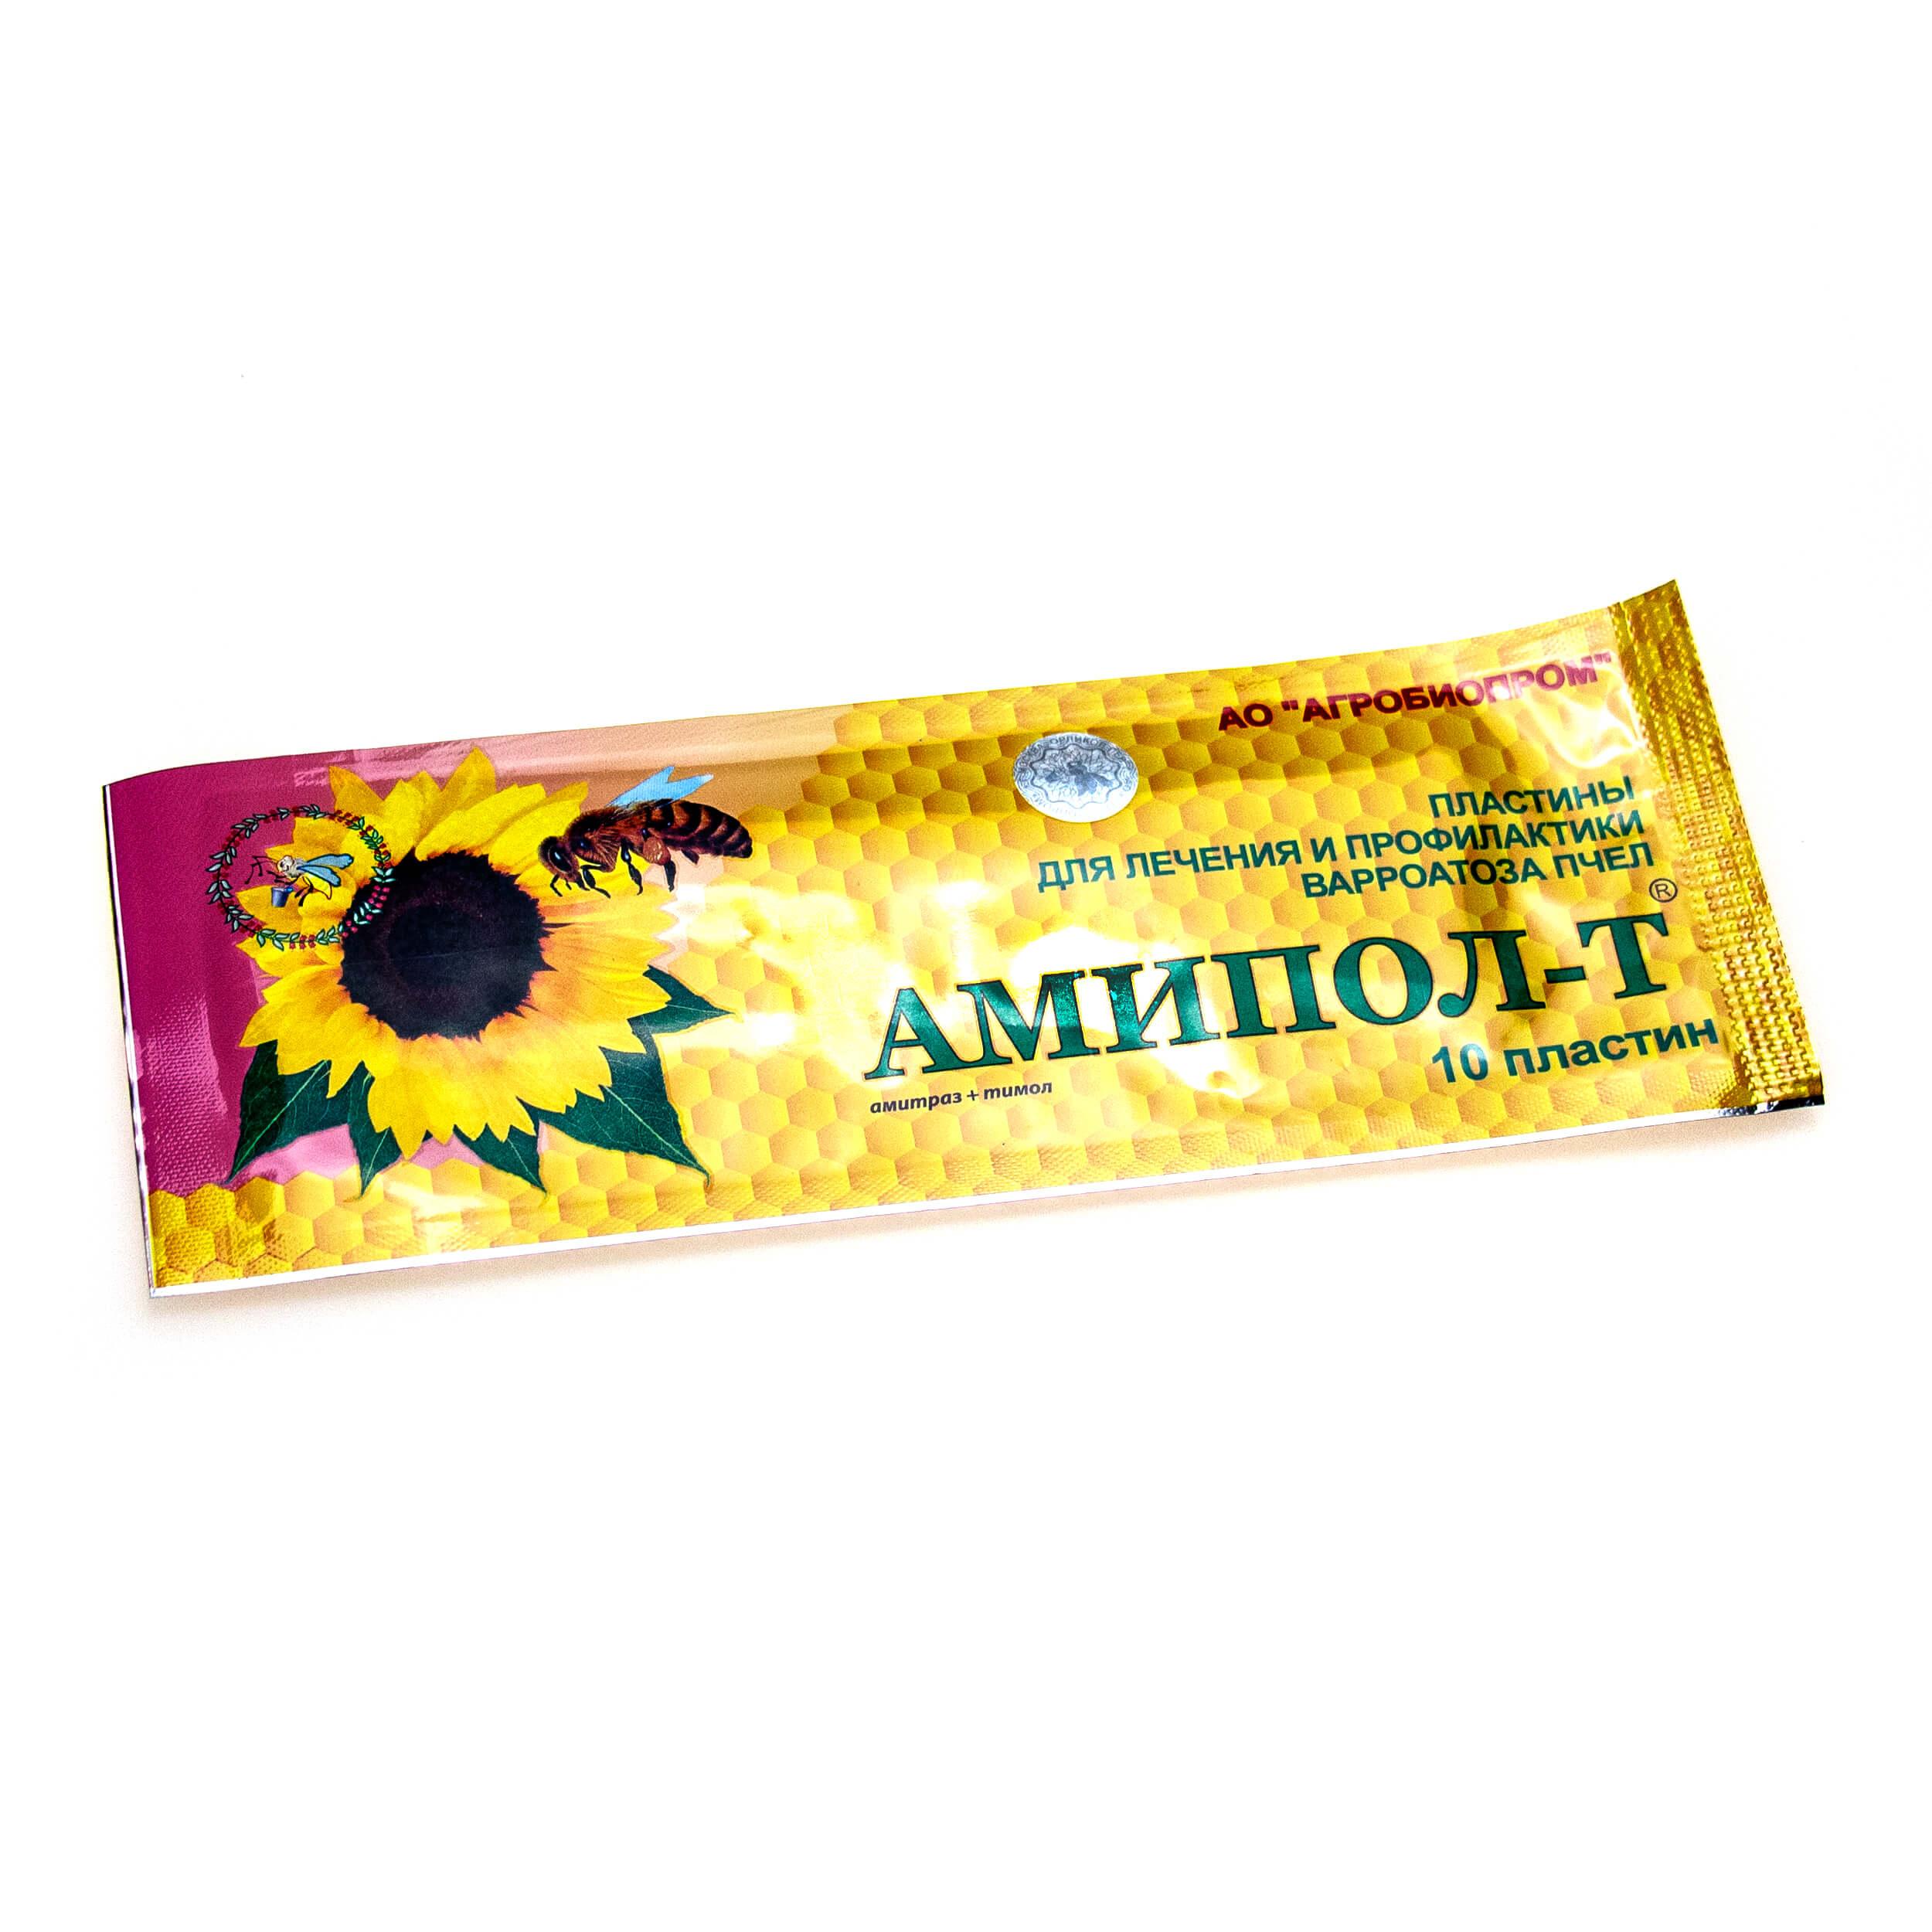 Амипол-Т (Полоски, 10 штук) фото